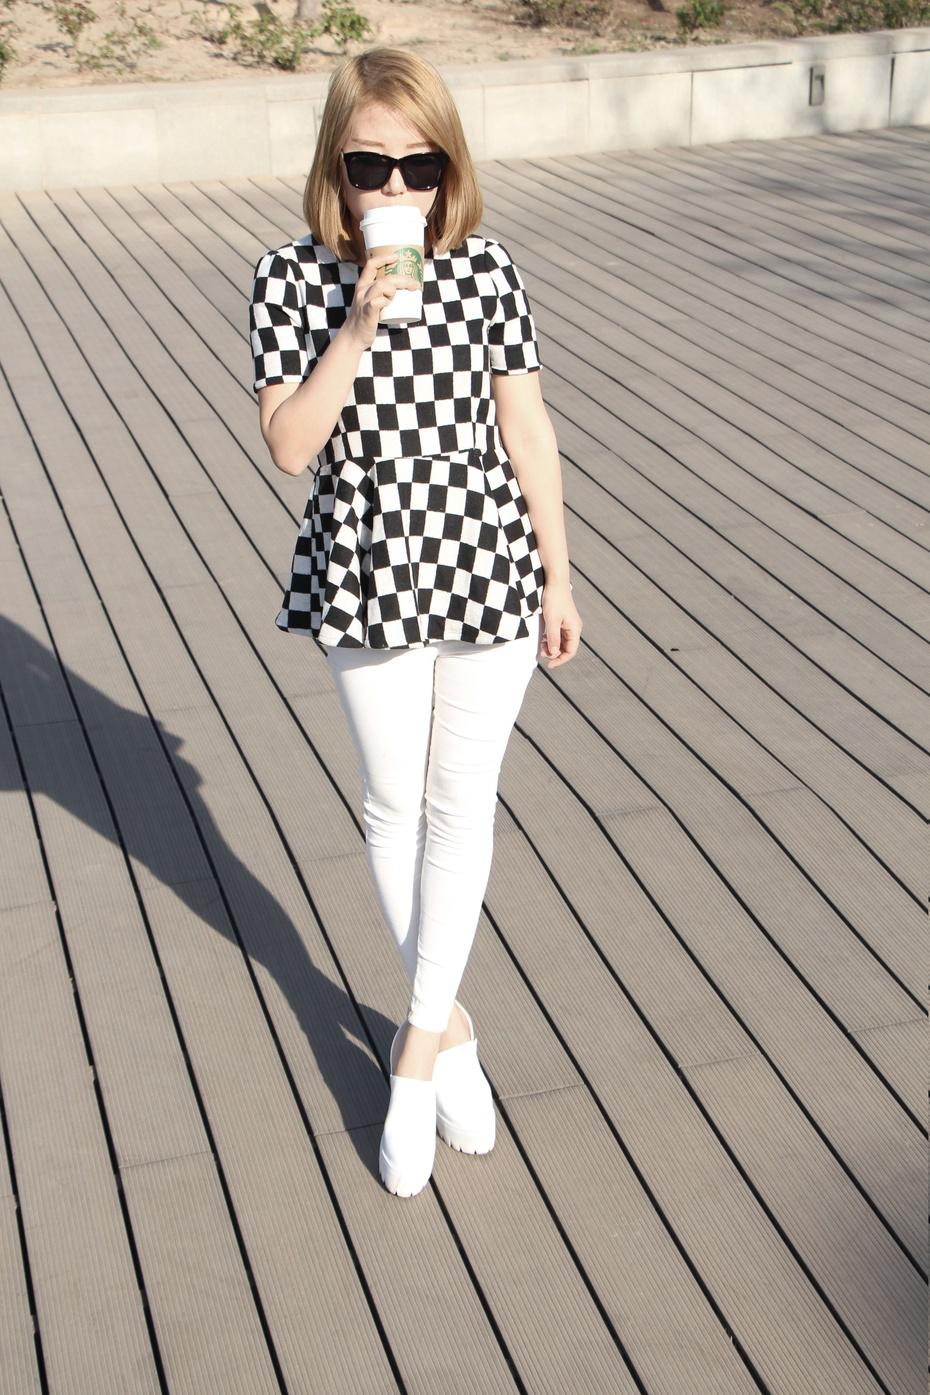 妖精边儿——搭配日记黑白棋格一样可以穿的很好看 - heheweilong - 妖精边儿的博客